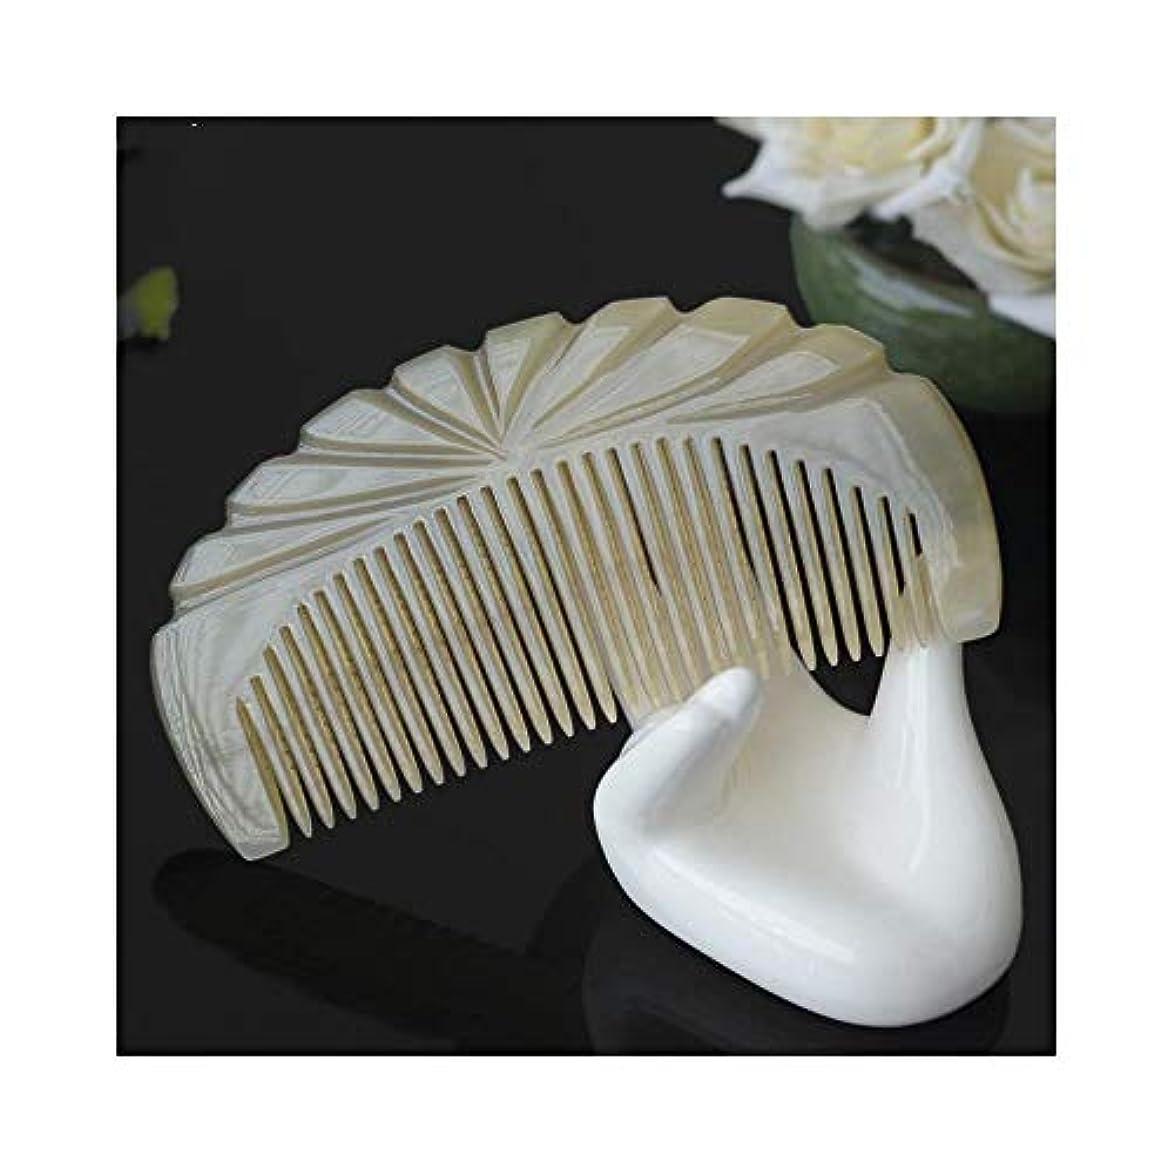 方法論パトロン民間人WASAIO 毛は自然な木の櫛の毛にブラシをかけます-もつれを解くための自然な帯電防止木